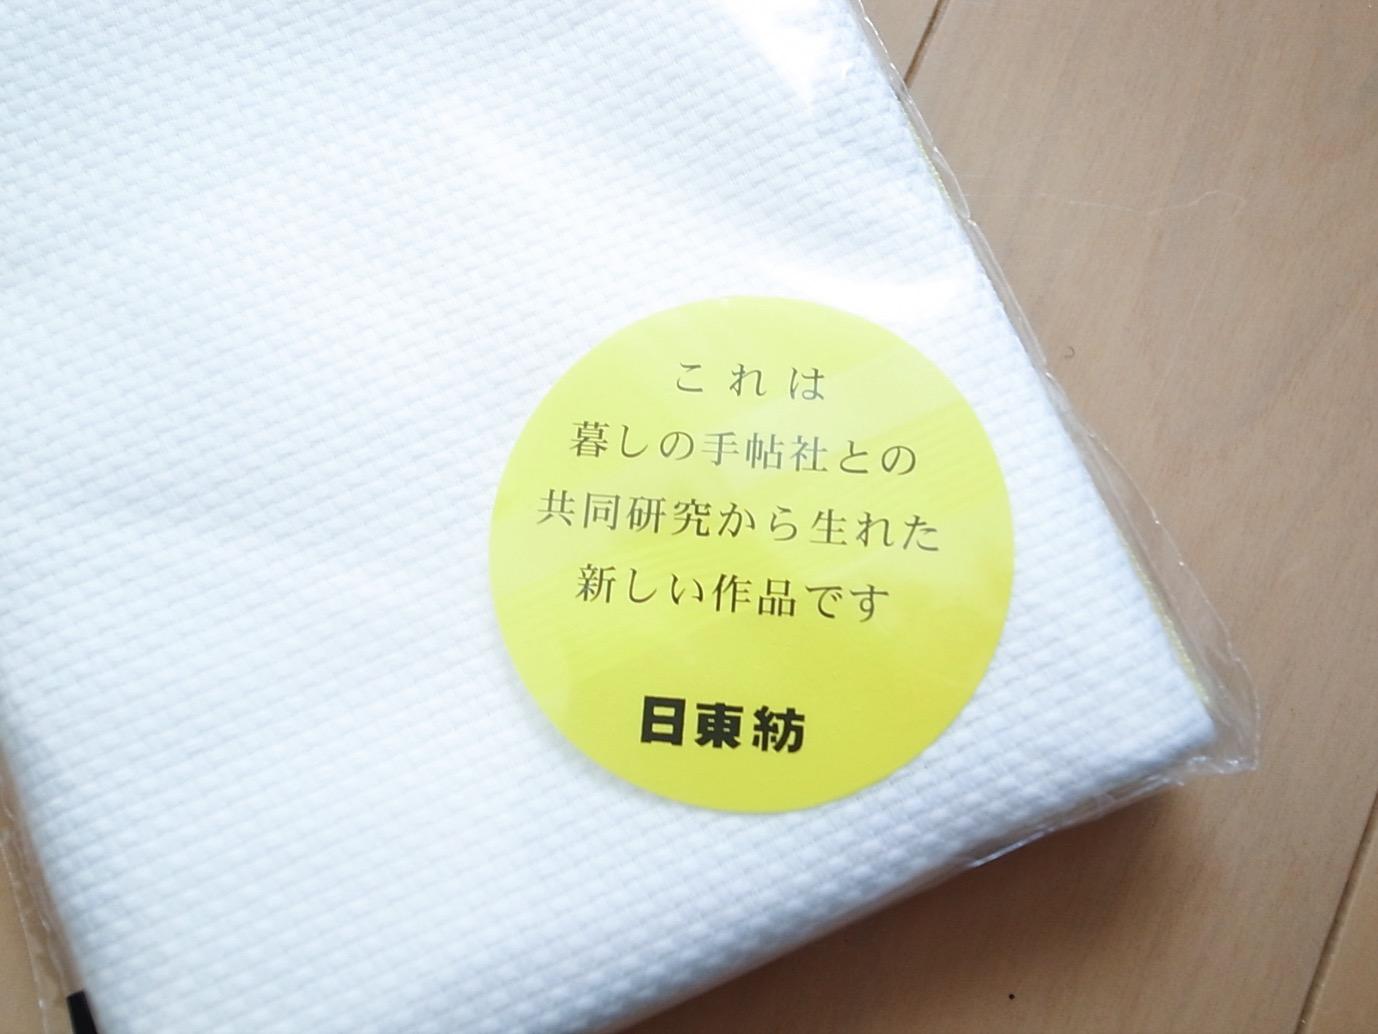 Nittobo fukin 3